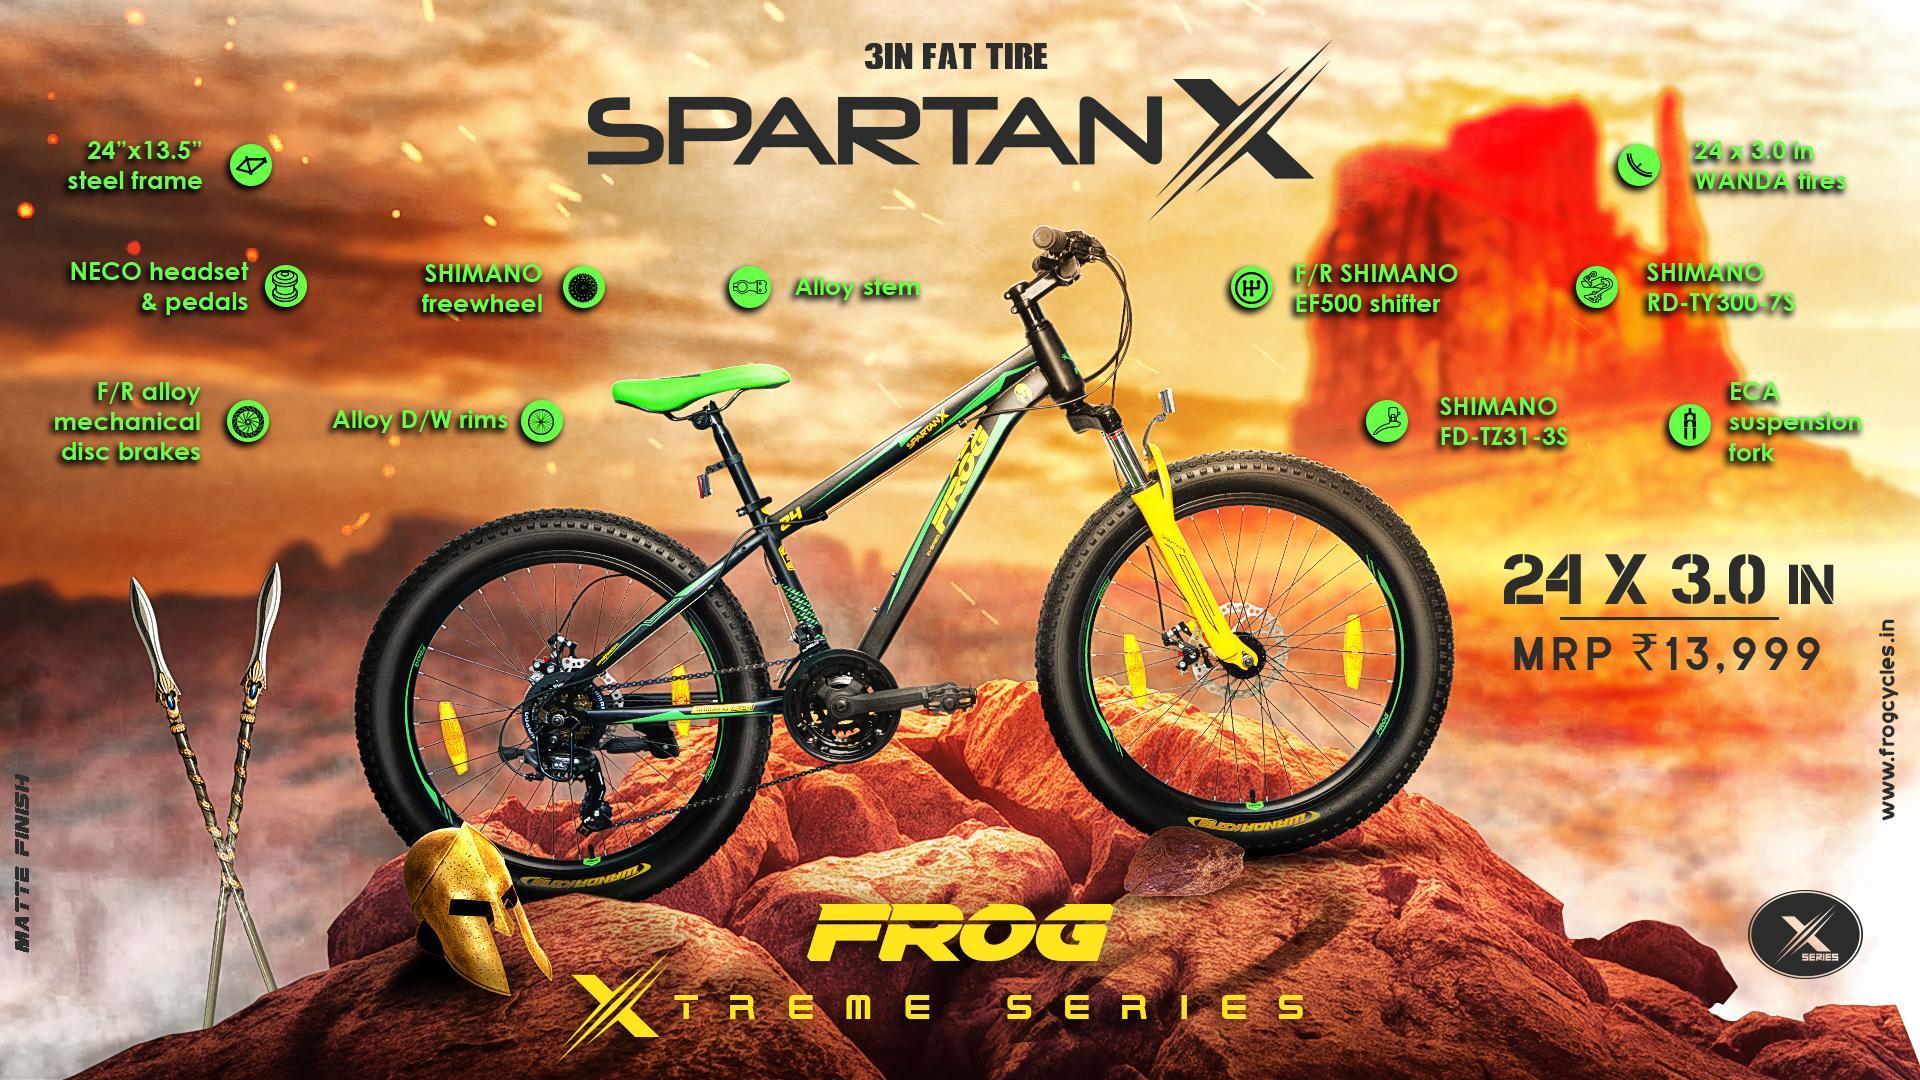 Spartan X 24 3 0 image 4